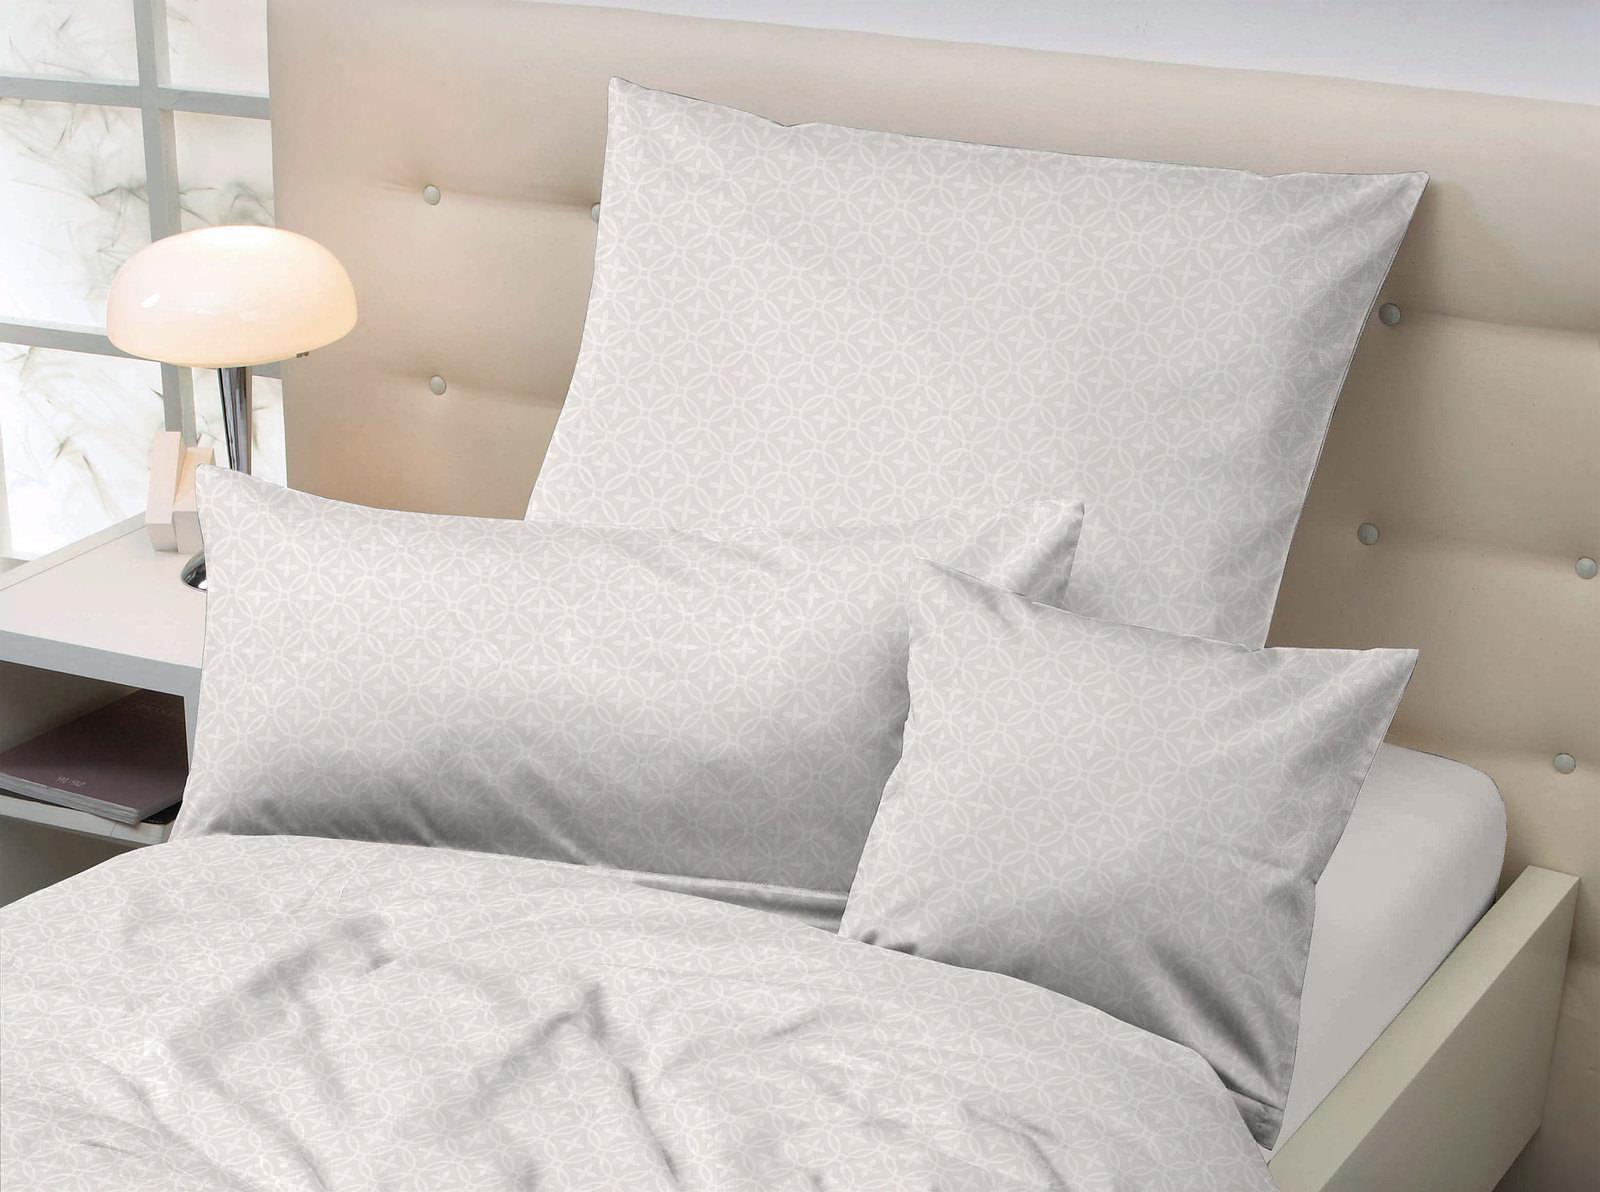 Pronight Pronight Damast Bettwäsche Weiß Online Entdecken